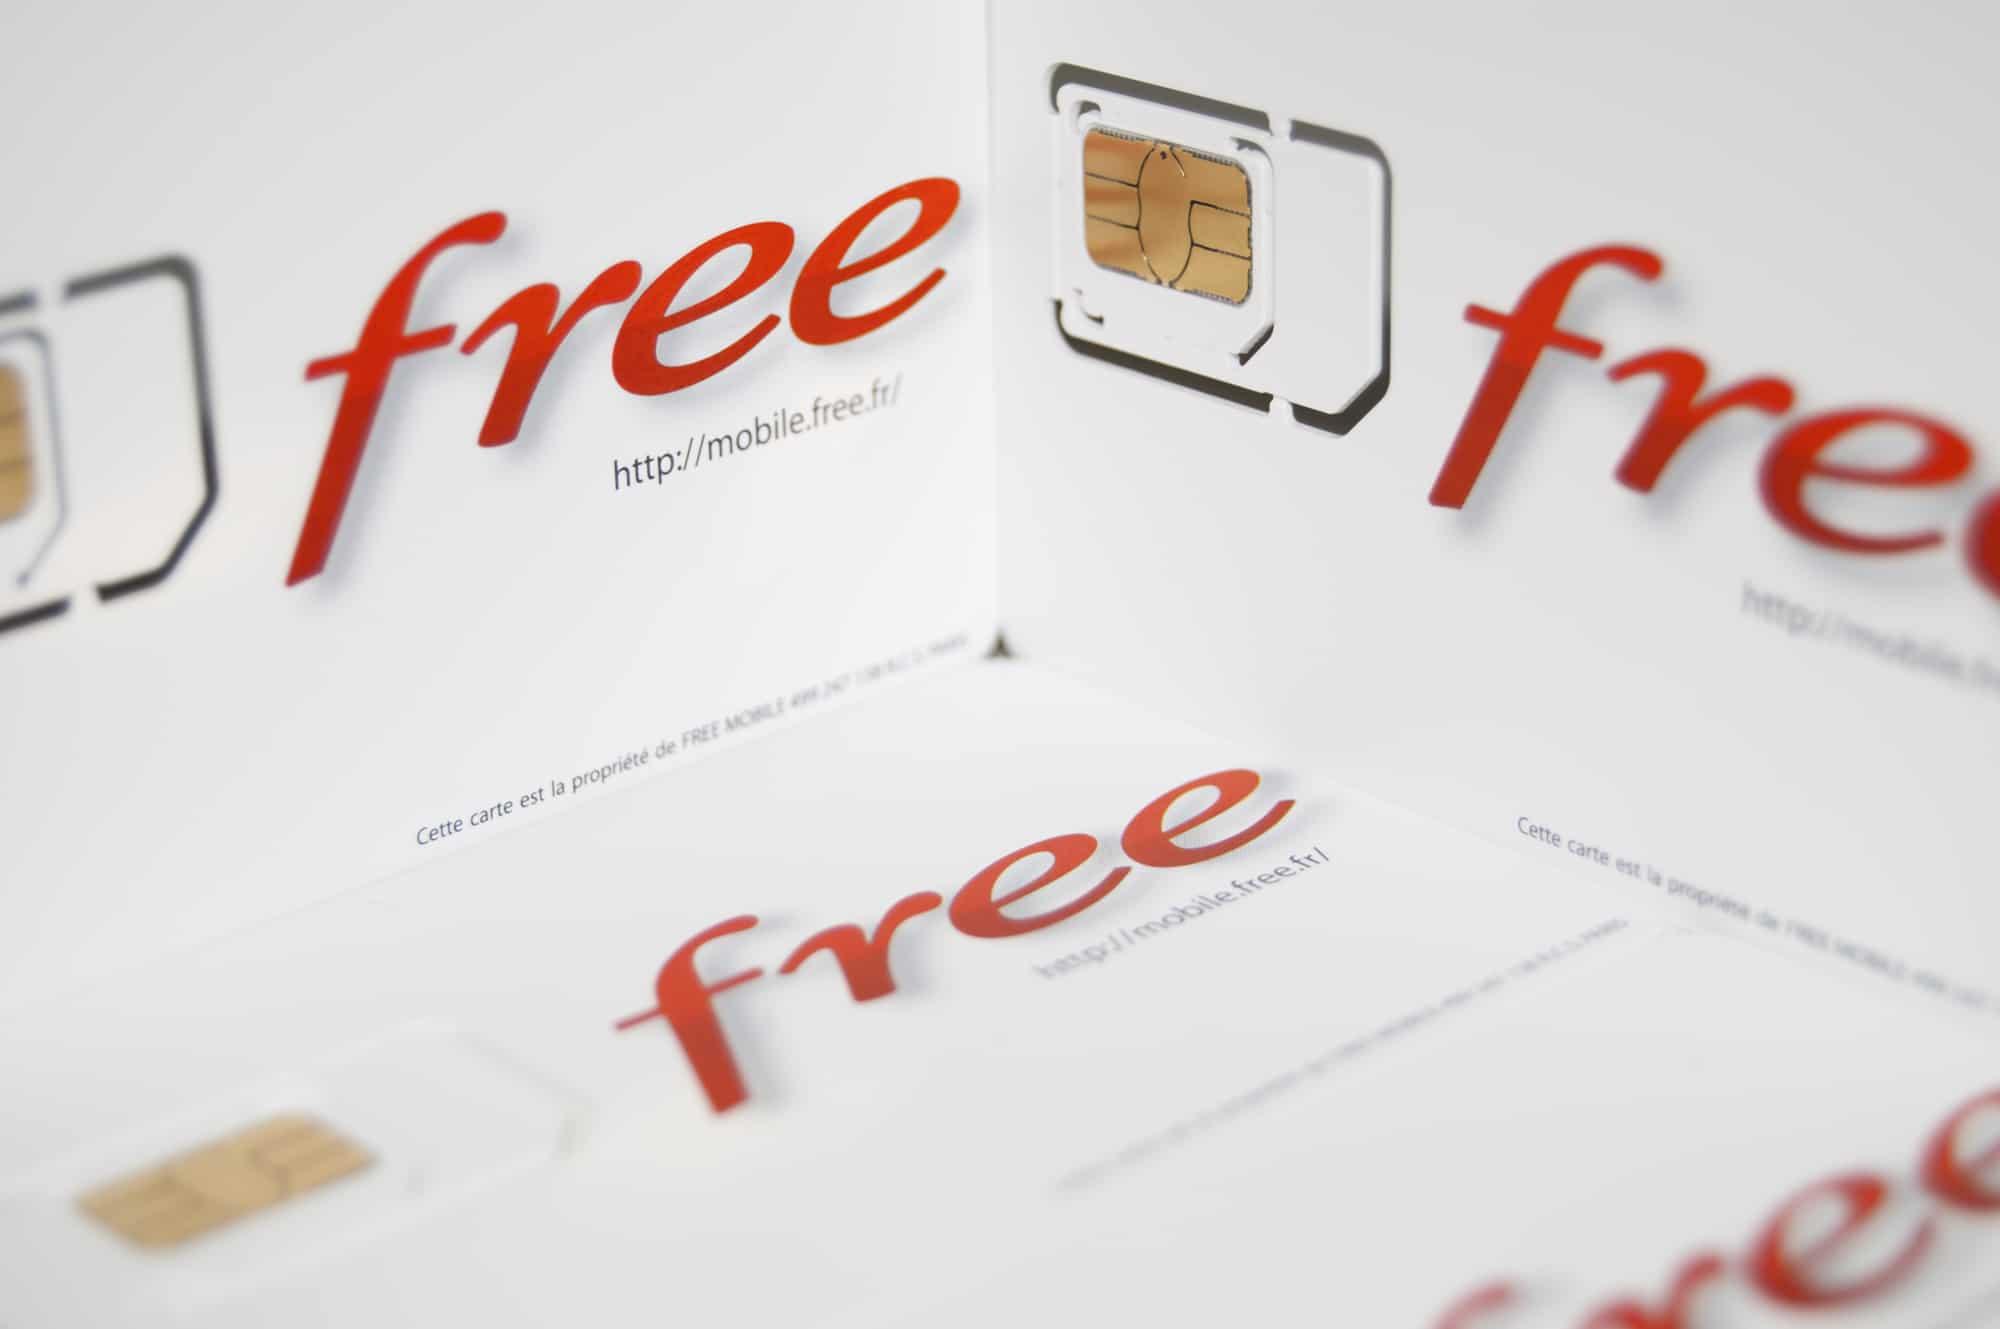 Les clients Free résilient massivement leur abonnement par rapport à la concurrence